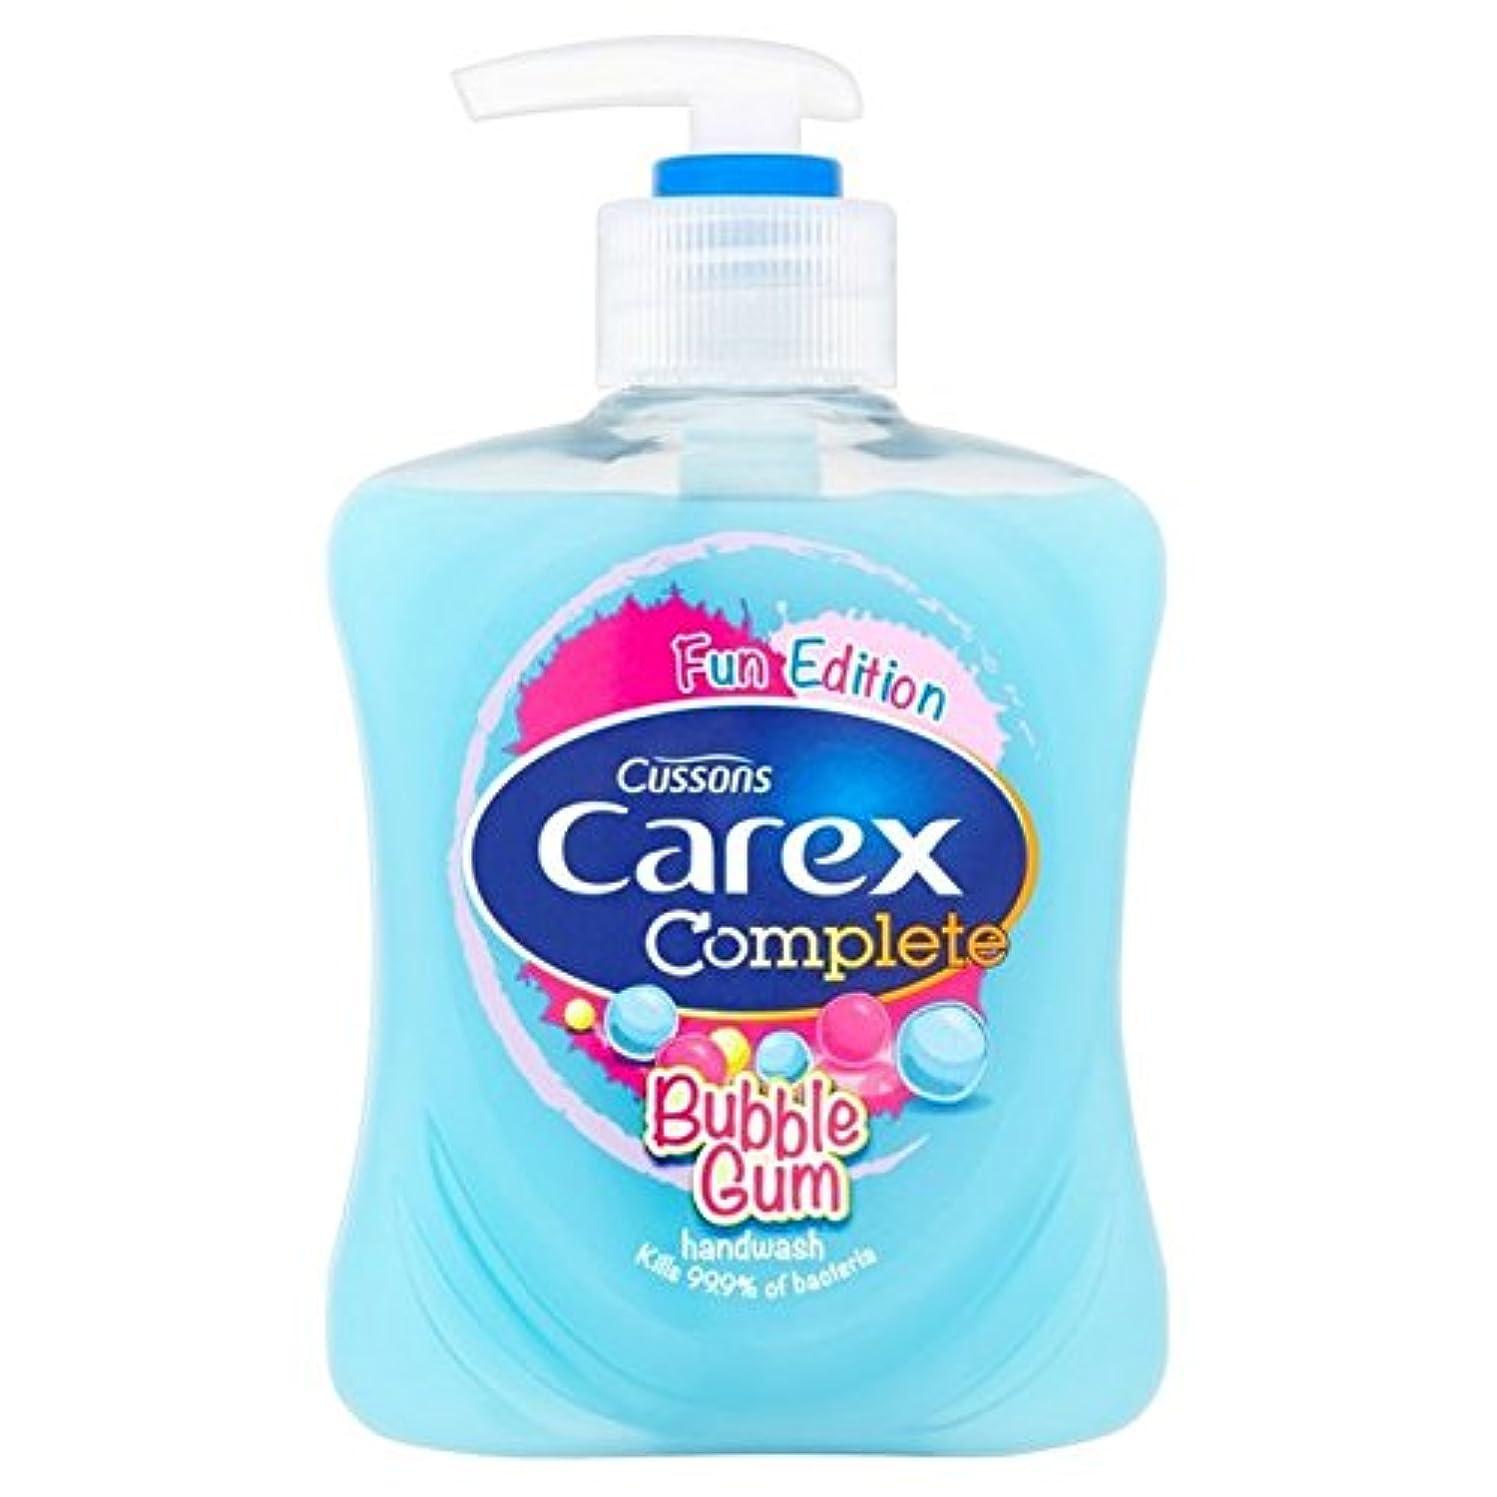 参加するテメリティ申し込むスゲ子供手洗いバブルガムの250ミリリットル x2 - Carex Kids Handwash Bubblegum 250ml (Pack of 2) [並行輸入品]